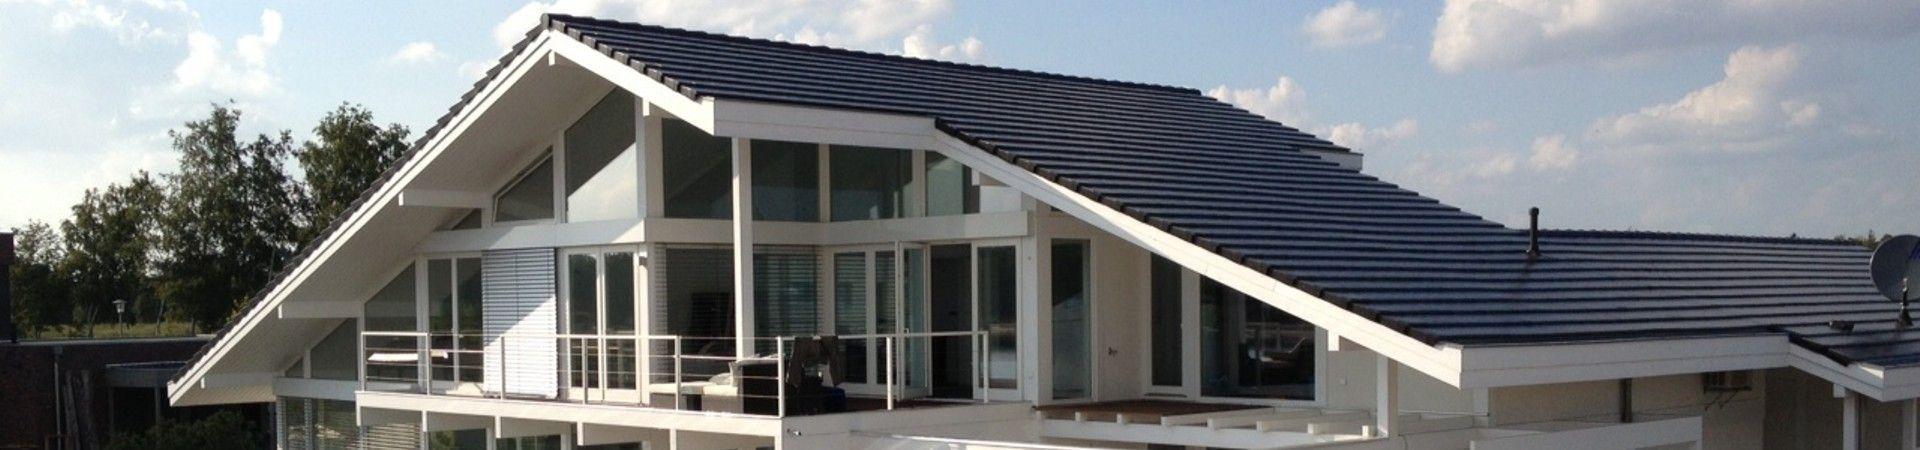 Moderne Fachwerkhäuser modernes fachwerkhaus bauen die schönsten einrichtungsideen